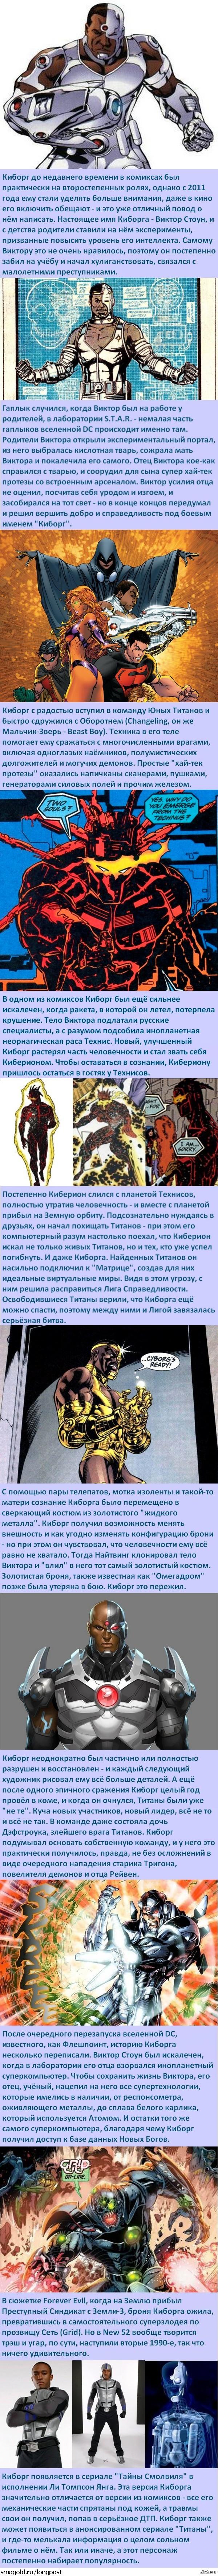 Факты о супергероях: Киборг Как Робокоп, только не робот, и не коп.